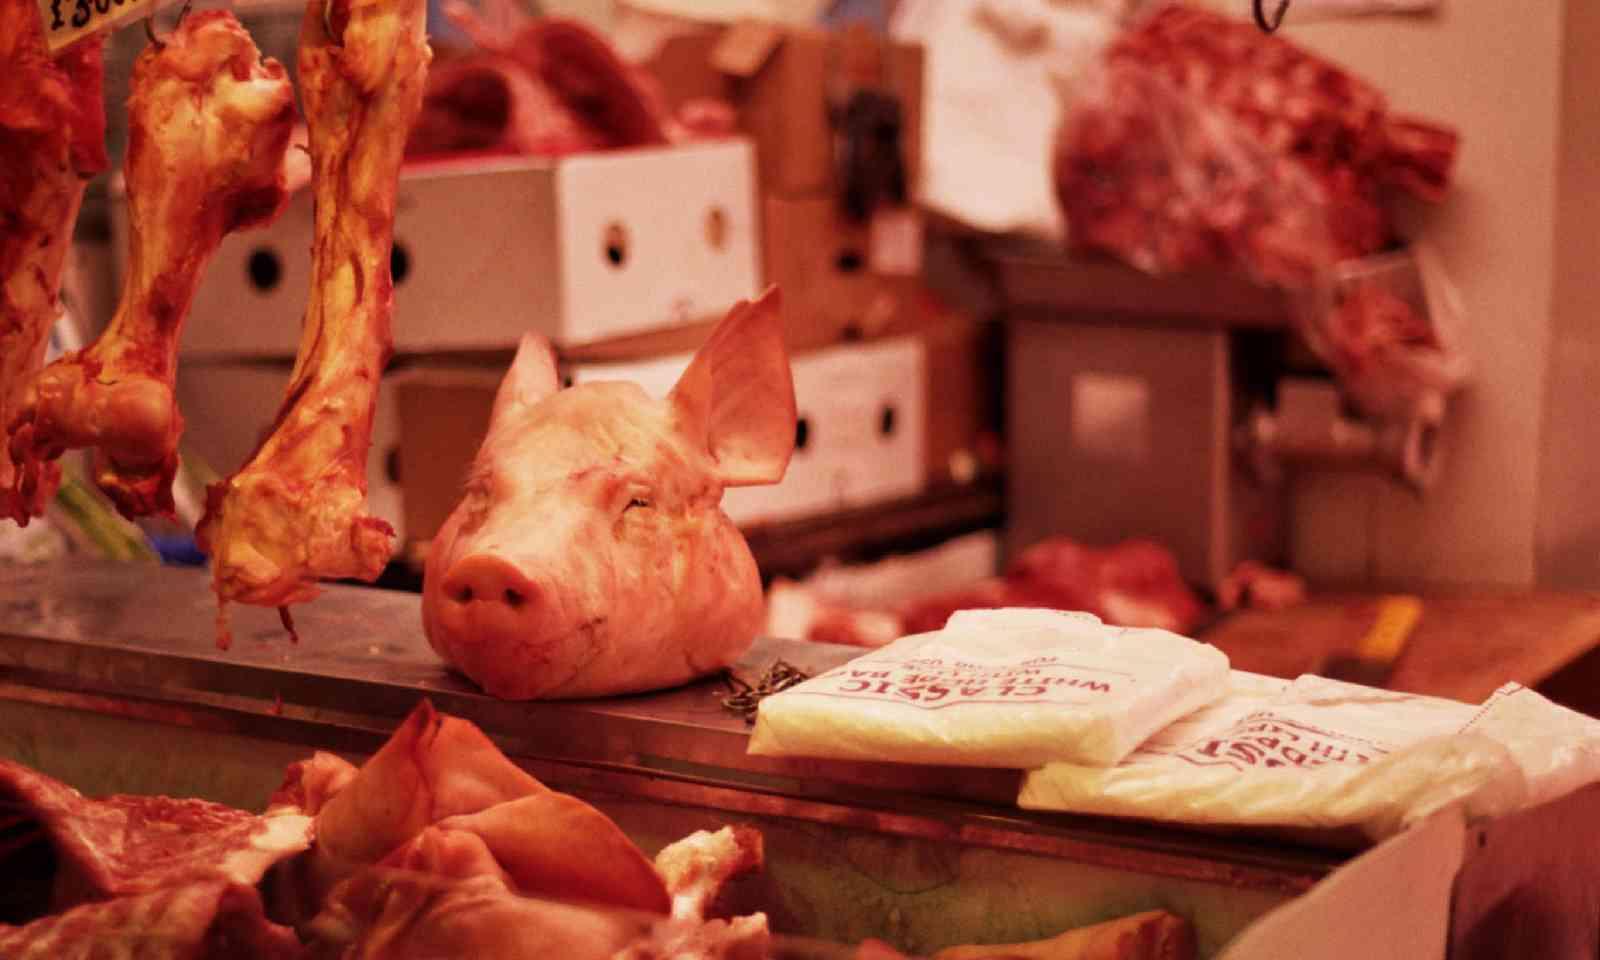 Pig's head in the butcher's (Flickr C/C: Walt Jabsco)